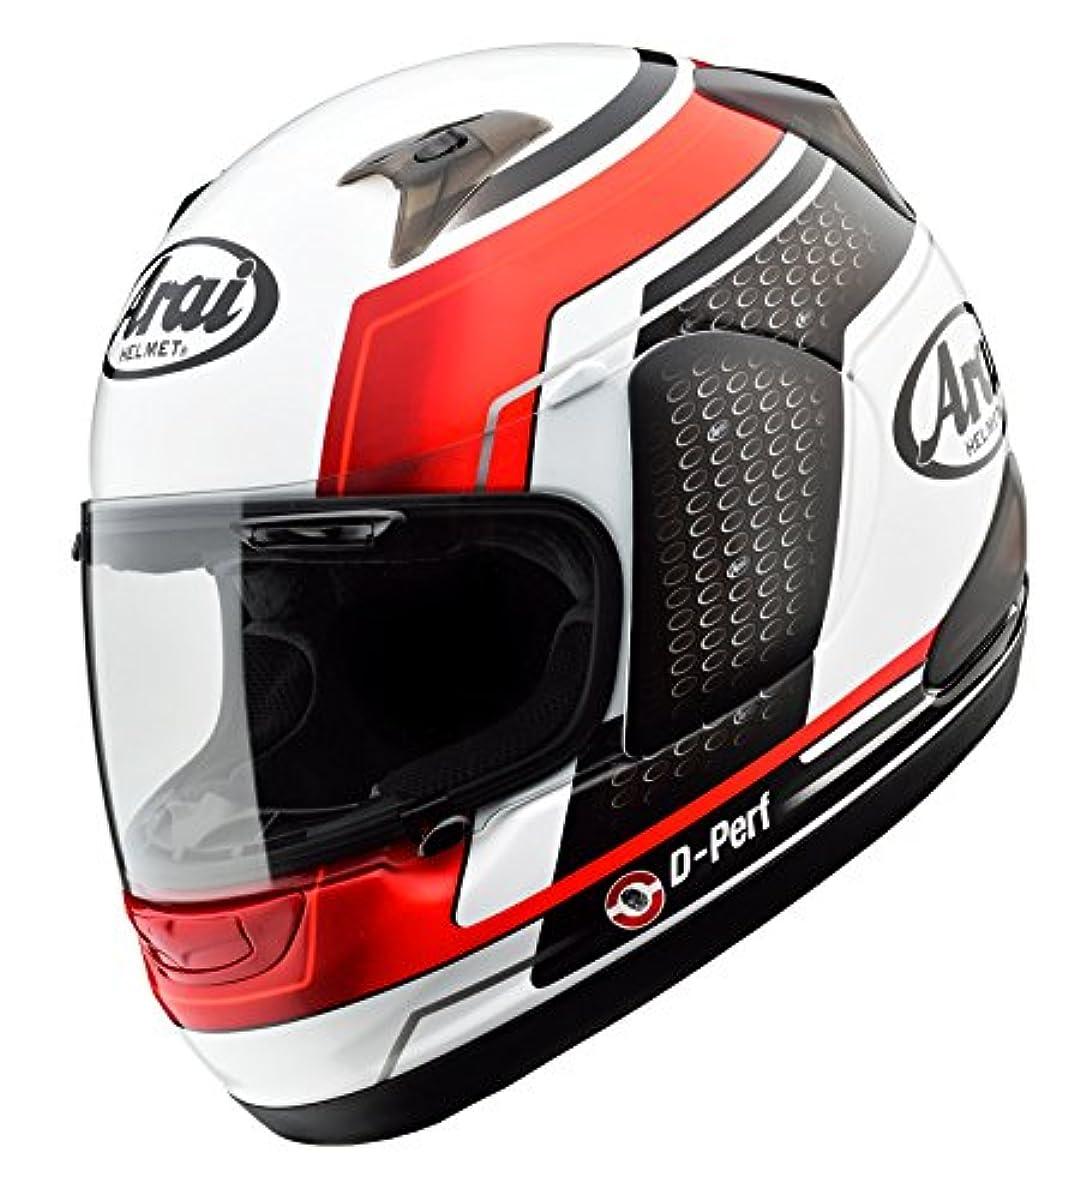 [해외] 아라이(ARAI 아라이 헬멧) 오토바이 헬멧 풀 페이스 ASTRO-IQ TEAM 화이트/레드 (55-56)